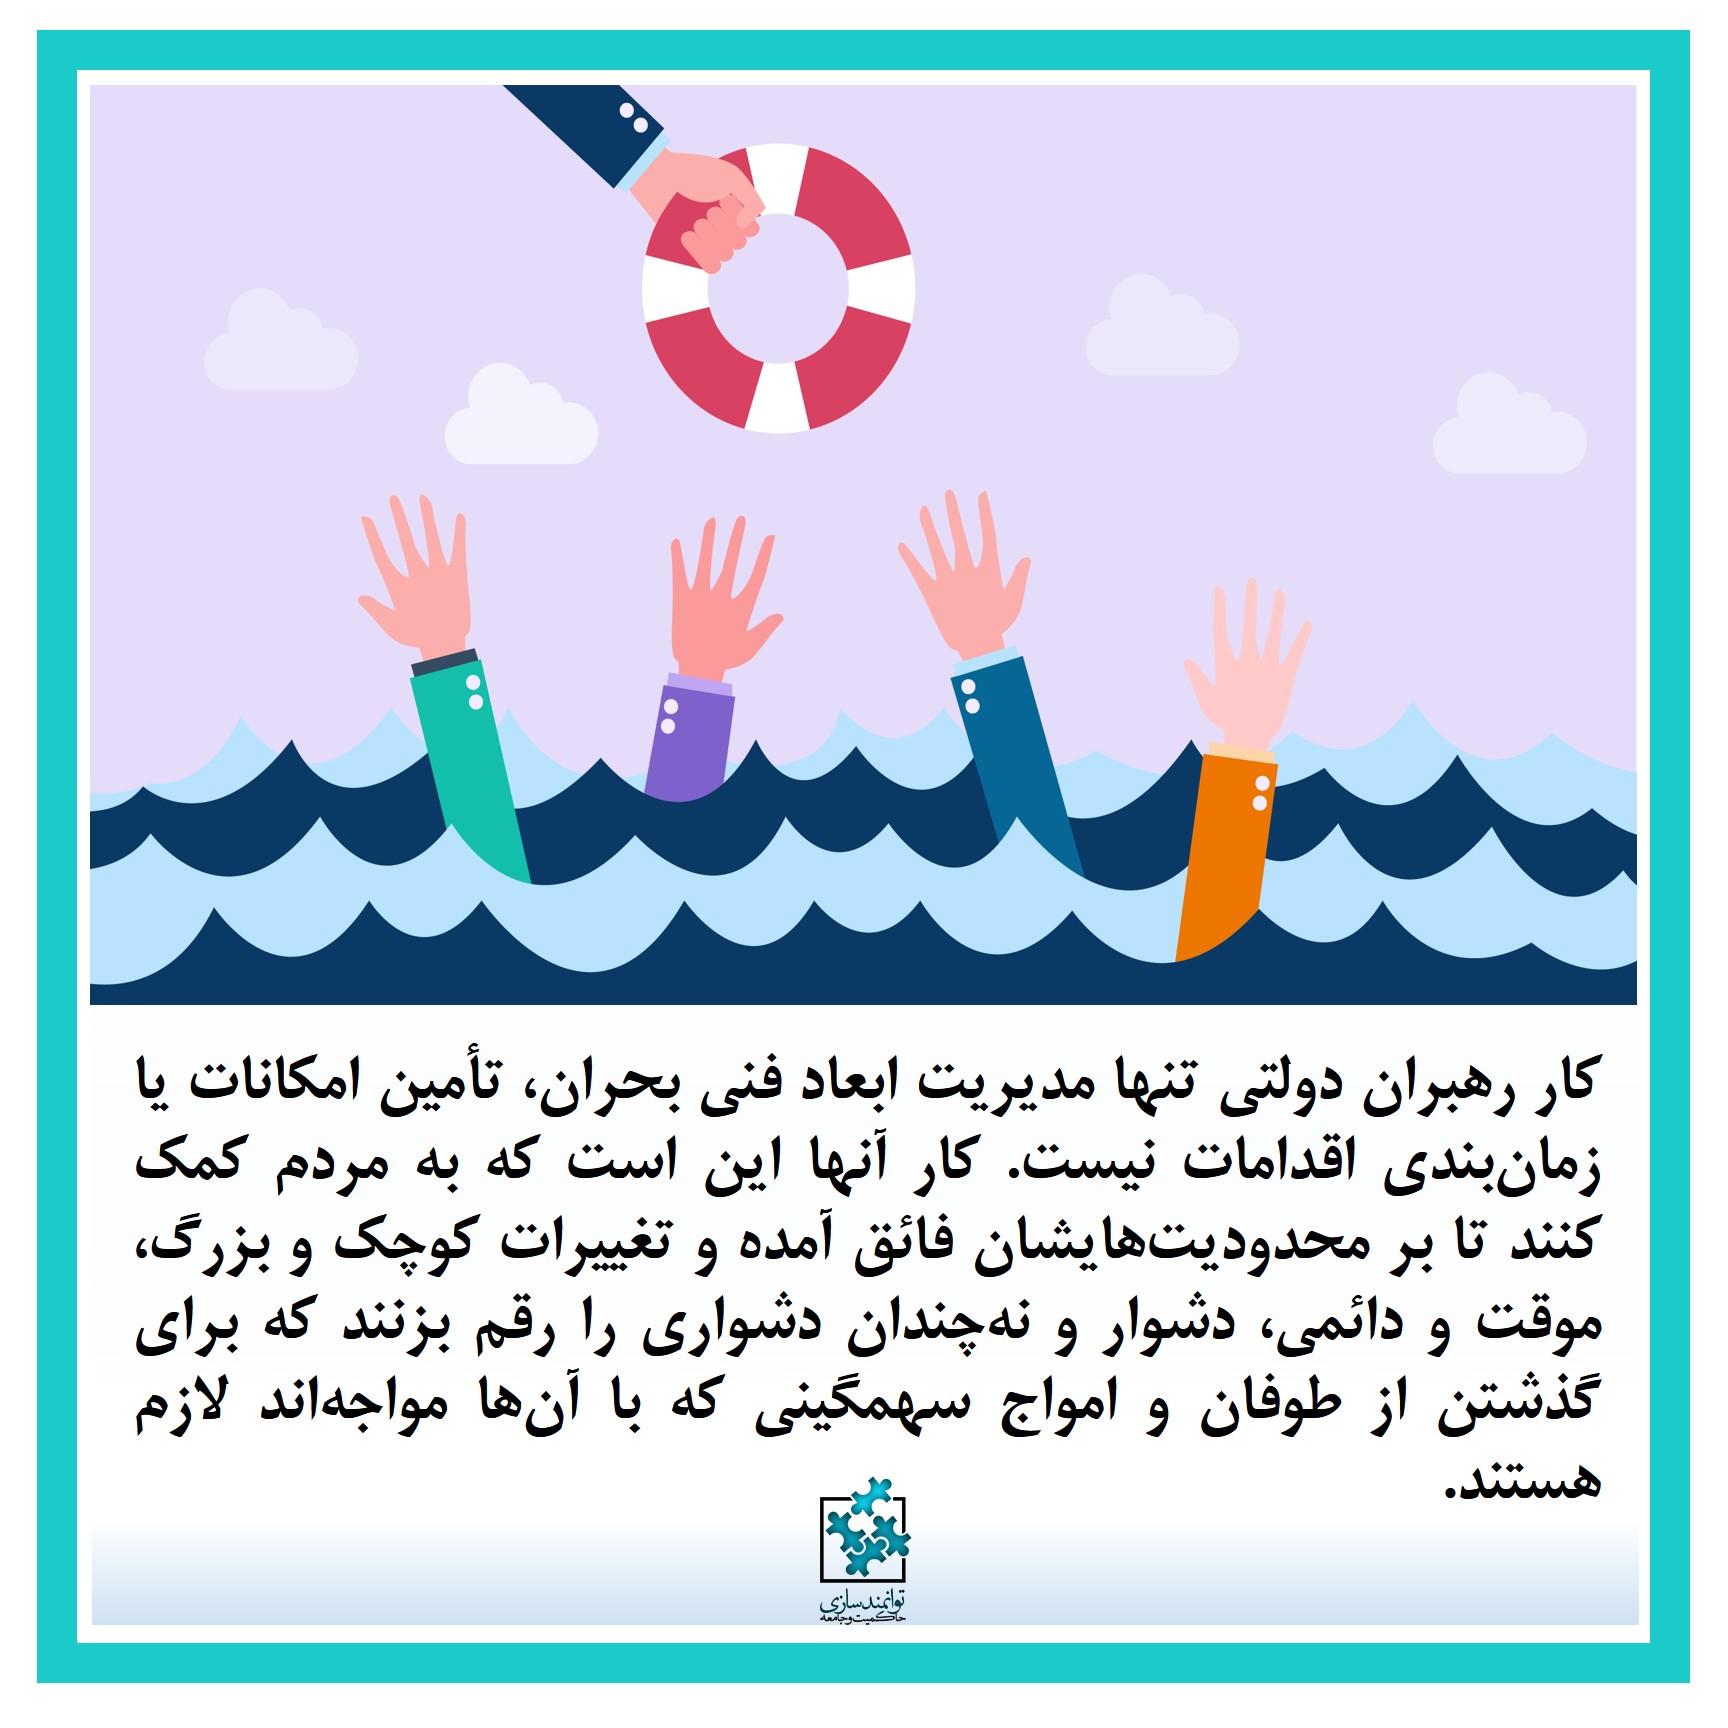 کمک به مردم